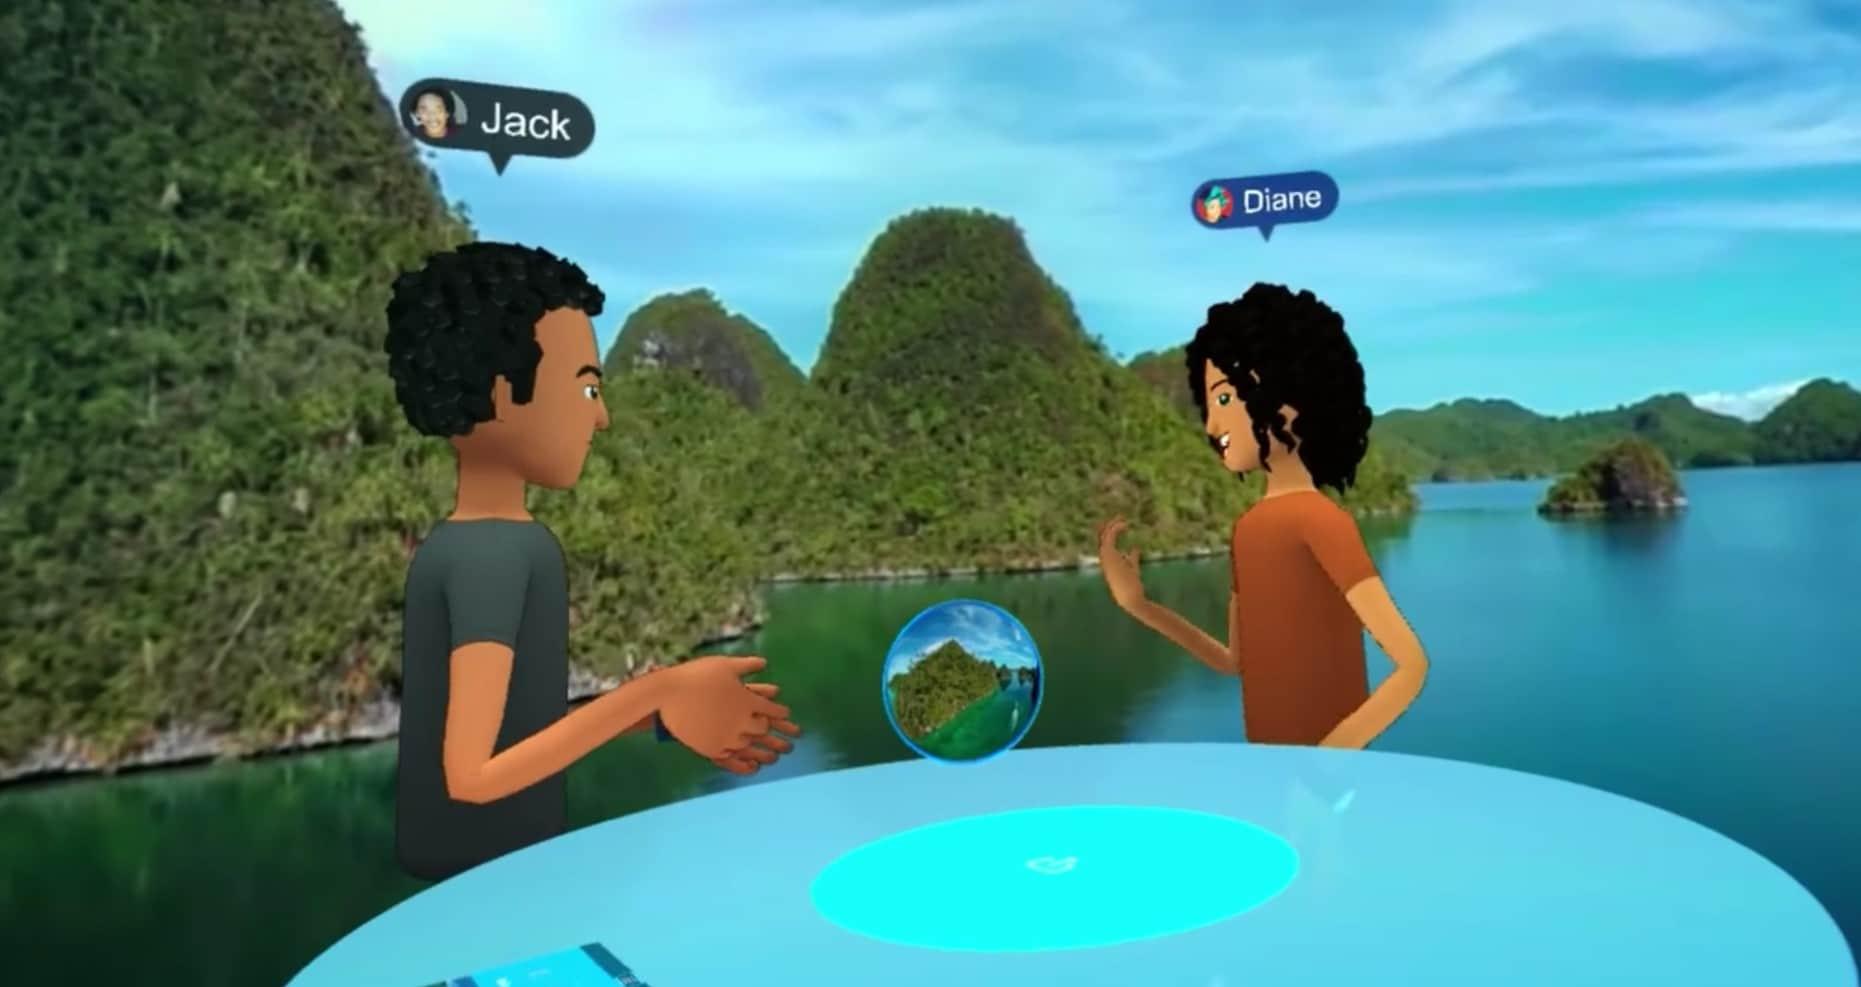 Zusammen virtuelle Abenteuer erleben. (Foto: Facebook / Screenshots)